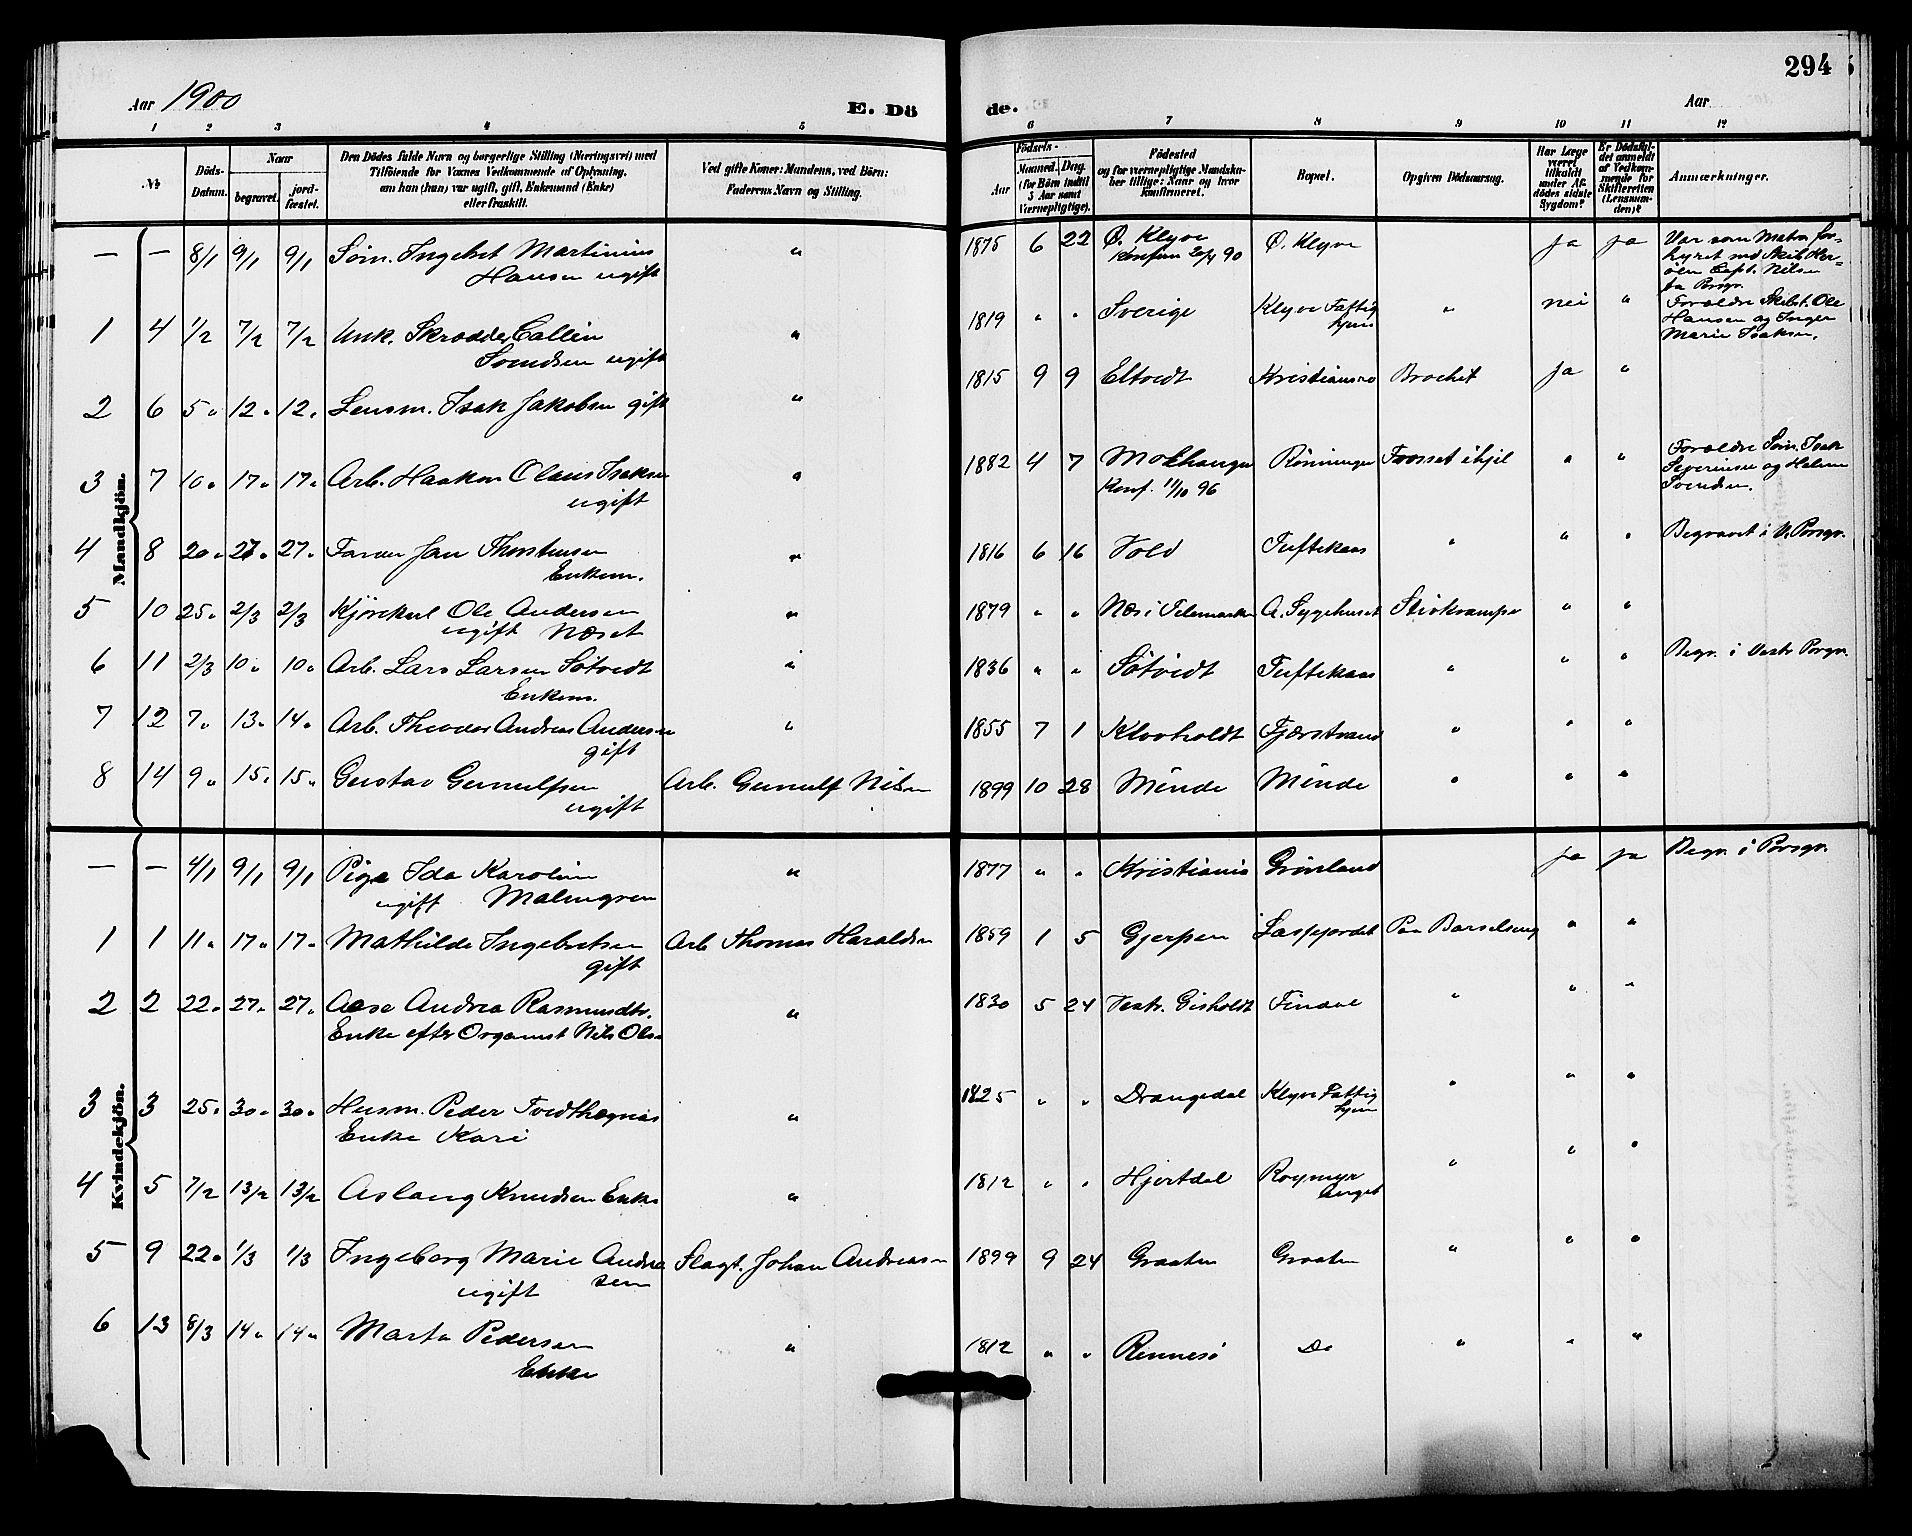 SAKO, Solum kirkebøker, G/Ga/L0008: Klokkerbok nr. I 8, 1898-1909, s. 294